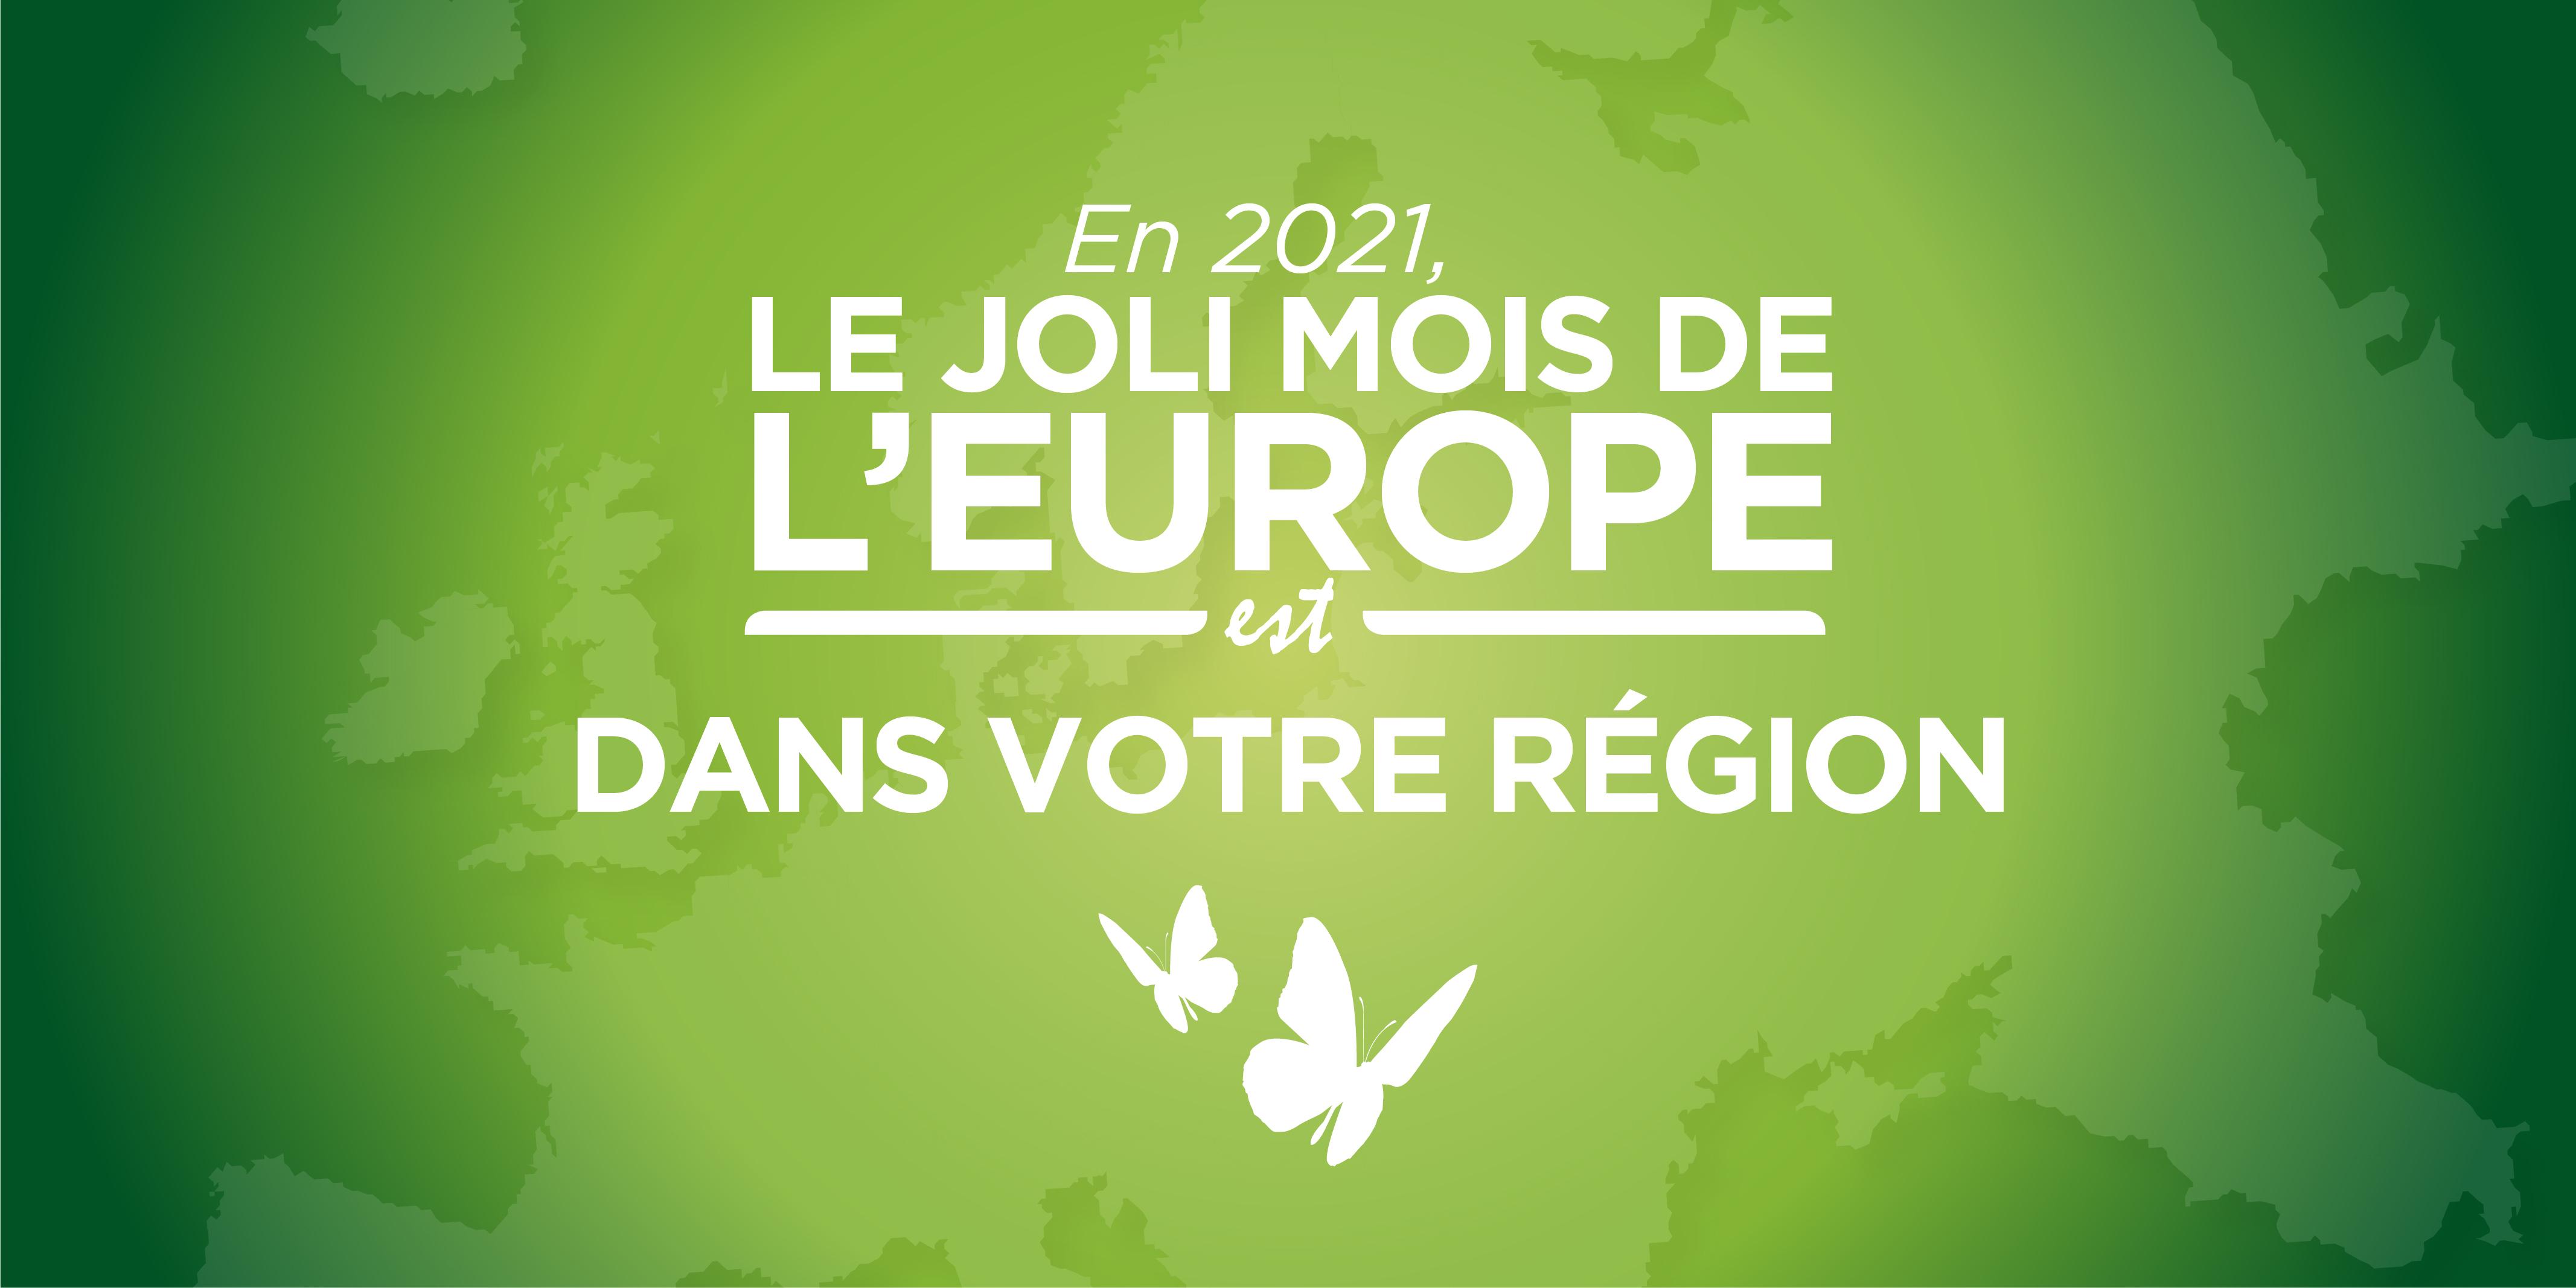 joli mois de de l'Europe, Régions, Europe